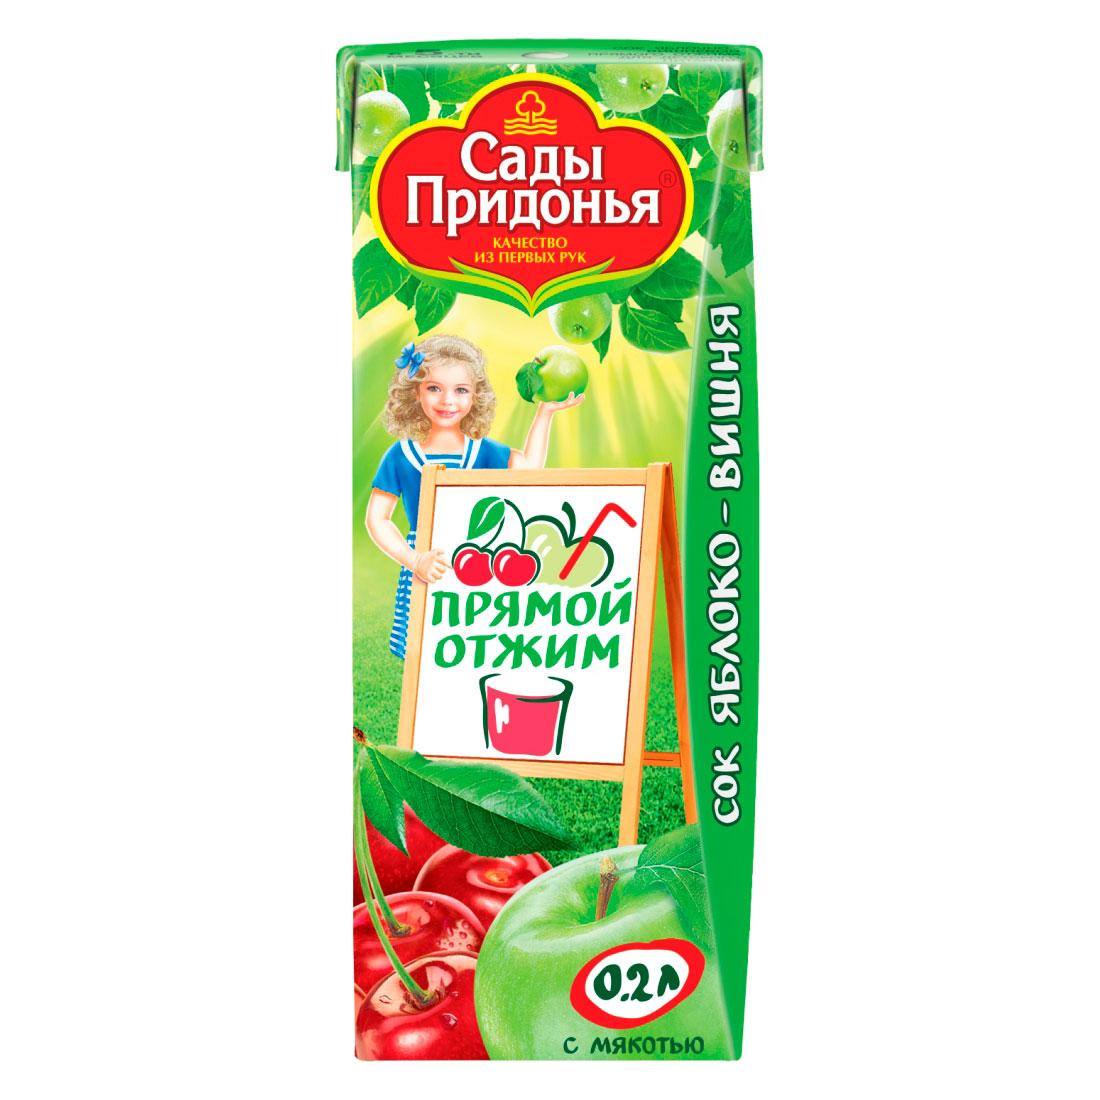 Сок Сады Придонья 200 мл (тетрапак) яблоко вишня прямого отжима с мякотью (с 5мес)<br>